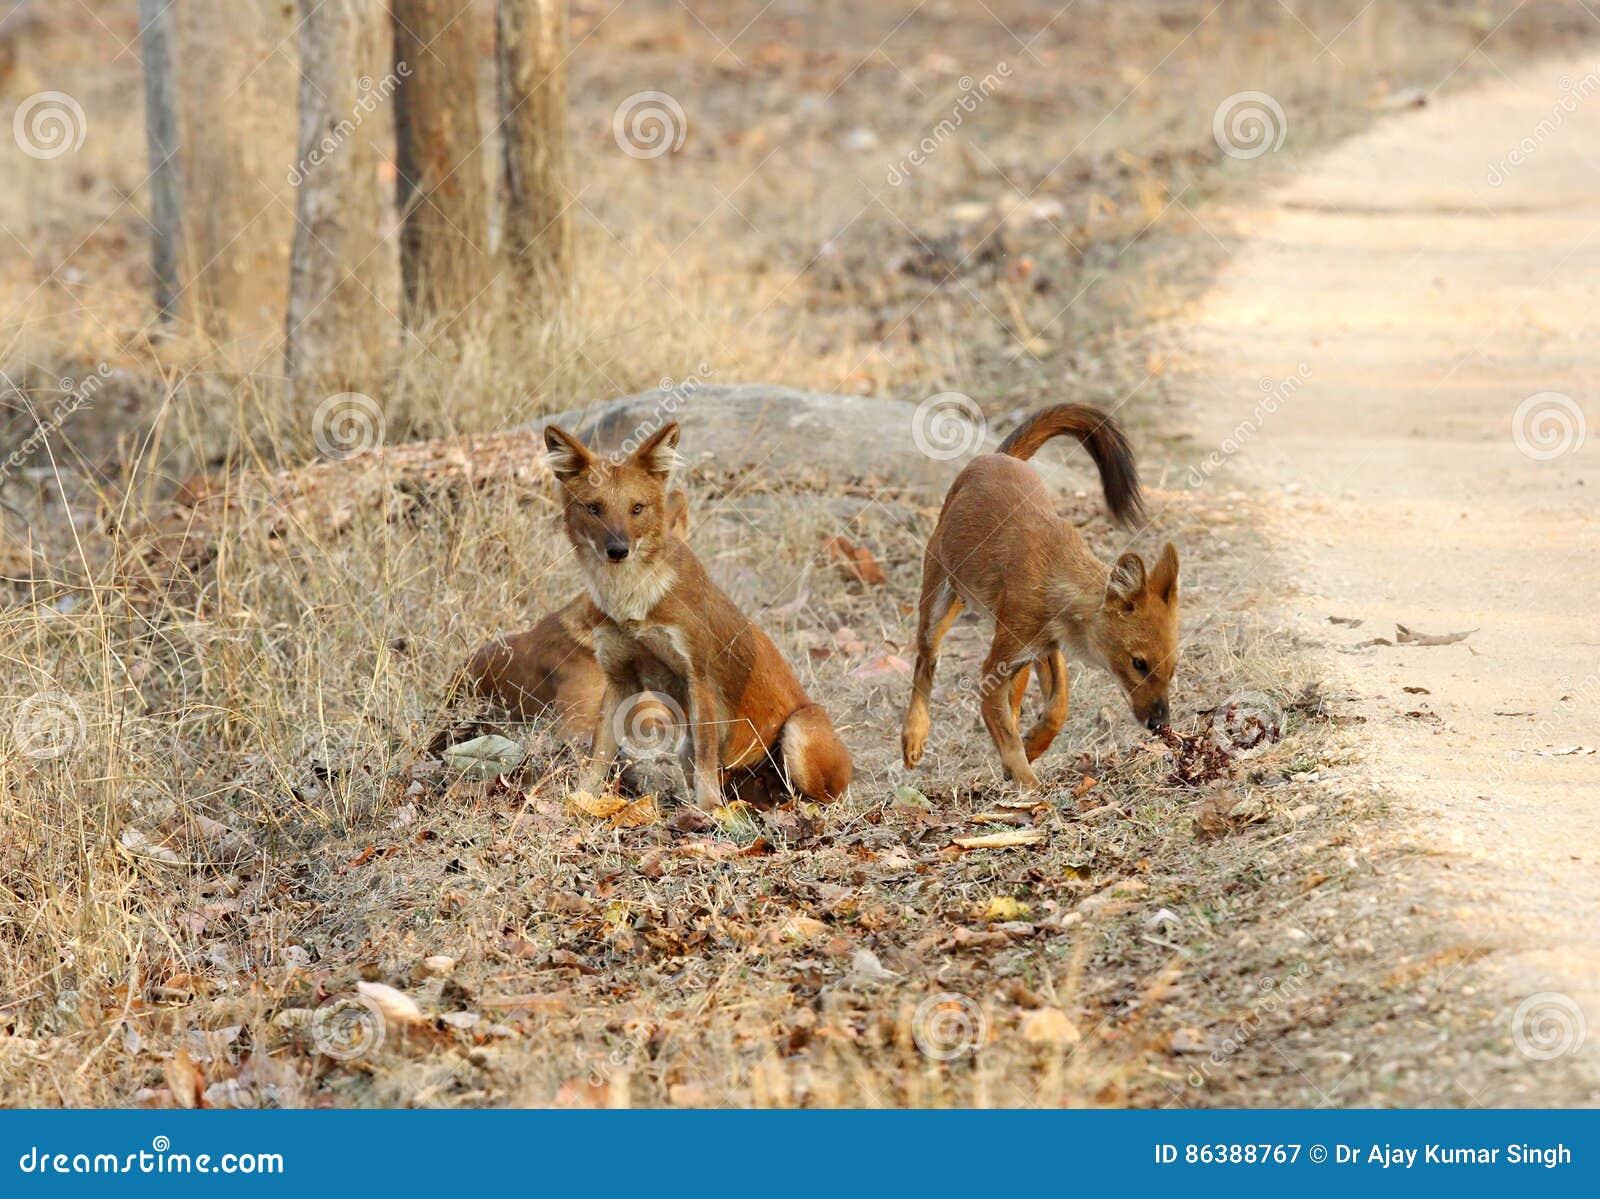 Cani selvaggi asiatici immagine stock Immagine di mammifero 86388767